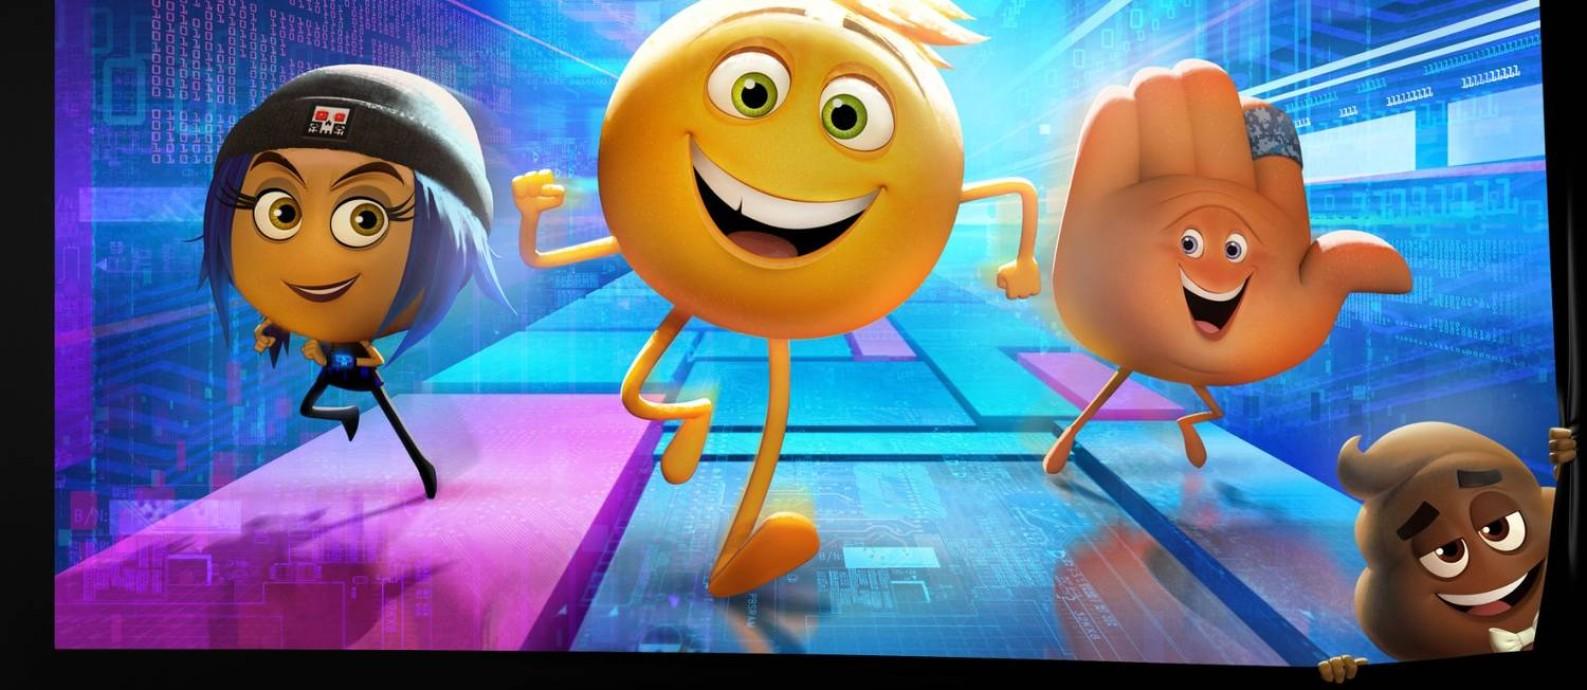 Patrick Stewart vai dublar o 'emoji de cocô' em filme Foto: Divulgação